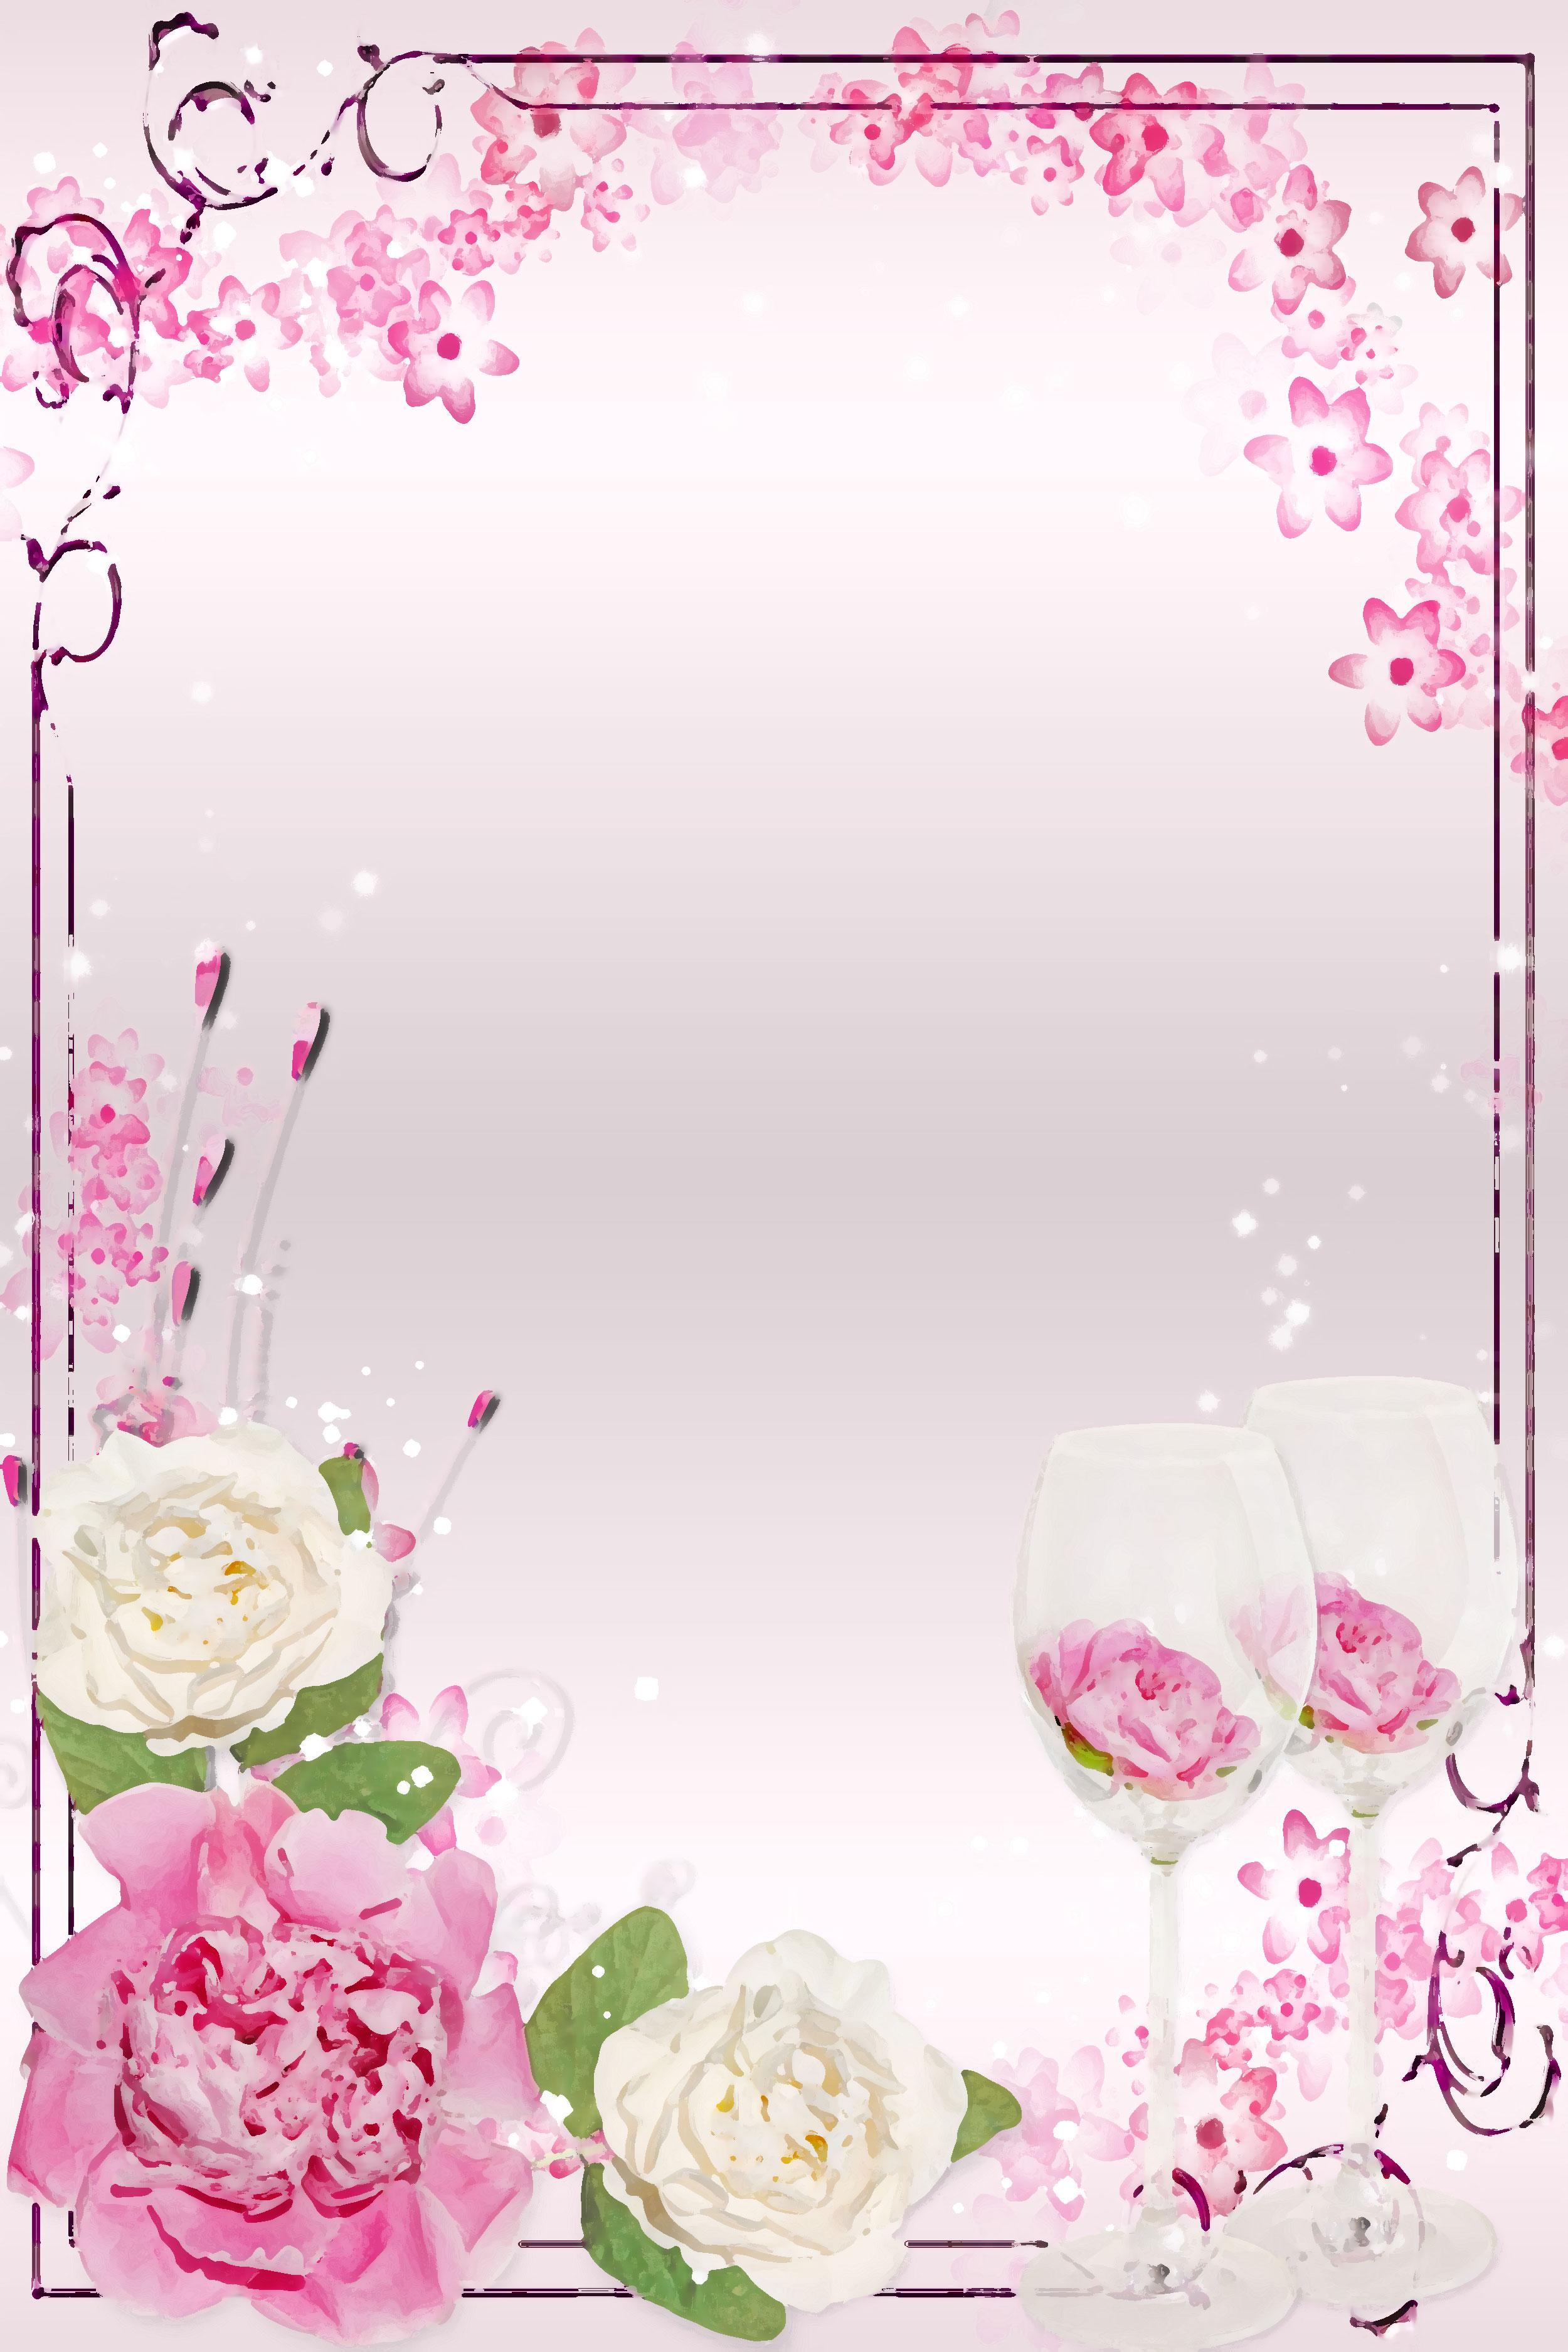 バラの画像 イラスト 壁紙 背景用 No 618 白 ピンク バラ